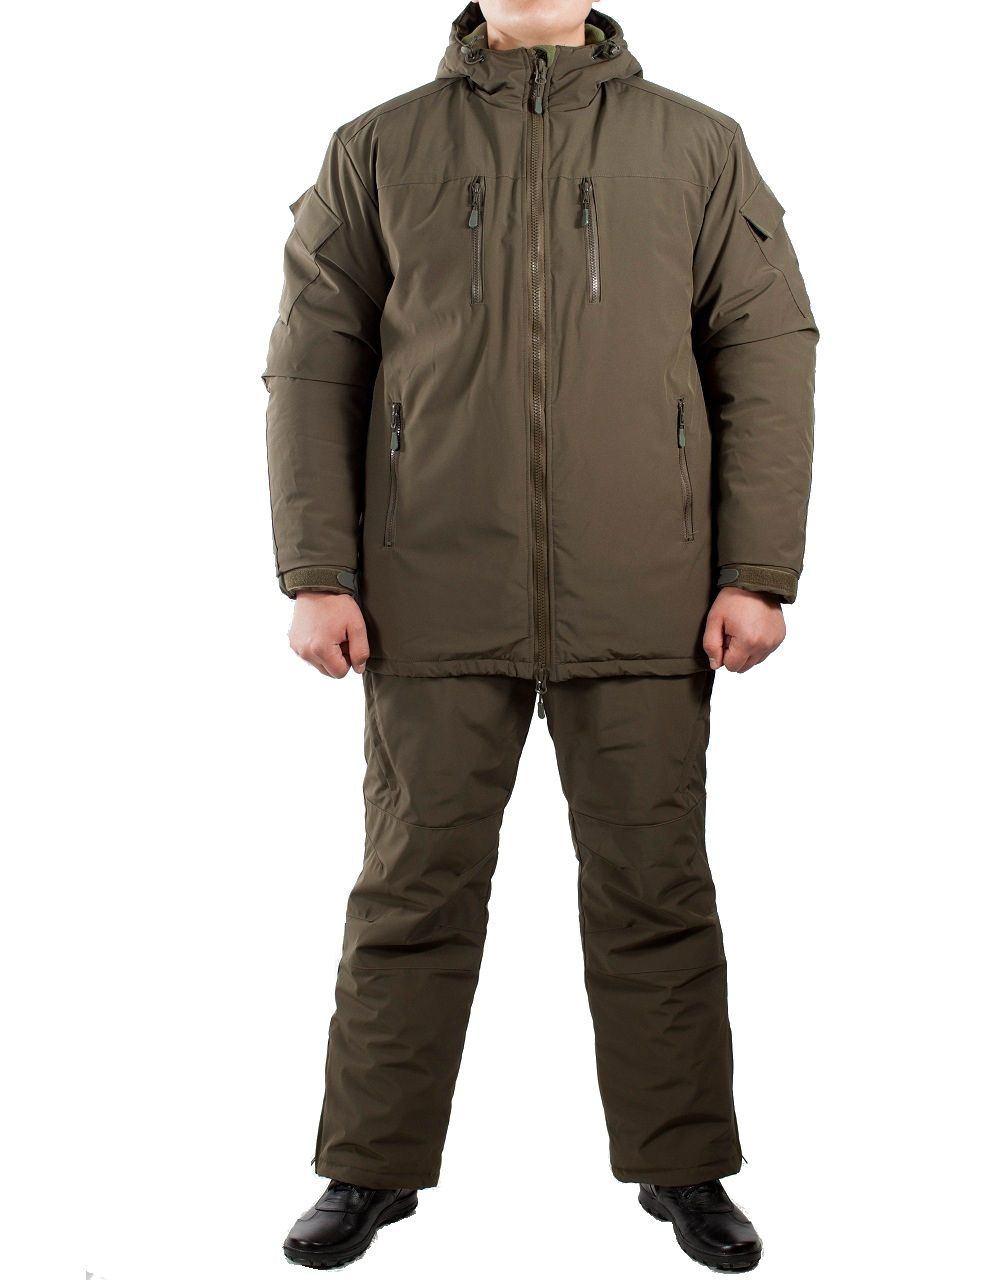 Костюм зимний МПА-38-01 (мембрана, хаки), Magellan Костюмы утепленные<br>Костюм состоит из брюк с плечевой разгрузочной <br>системой, а также куртки со съемным капюшоном <br>и утепляющей подкладкой. Разработан для <br>подразделений воооруженных сил, действующих <br>в условиях экстремального холода (до -50 <br>градусов Цельсия). ХАРАКТЕРИСТИКИ ЗАЩИТА <br>ОТ ХОЛОДА ДЛЯ ИНТЕНСИВНЫХ НАГРУЗОК ДЛЯ <br>АКТИВНОГО ОТДЫХА ТОЛЬКО РУЧНАЯ СТИРКА МАТЕРИАЛЫ <br>МЕМБРАНА УТЕПЛИТЕЛЬ ФАЙБЕРСОФТ<br><br>Пол: мужской<br>Размер: 52<br>Рост: 188<br>Сезон: зима<br>Цвет: оливковый<br>Материал: мембрана